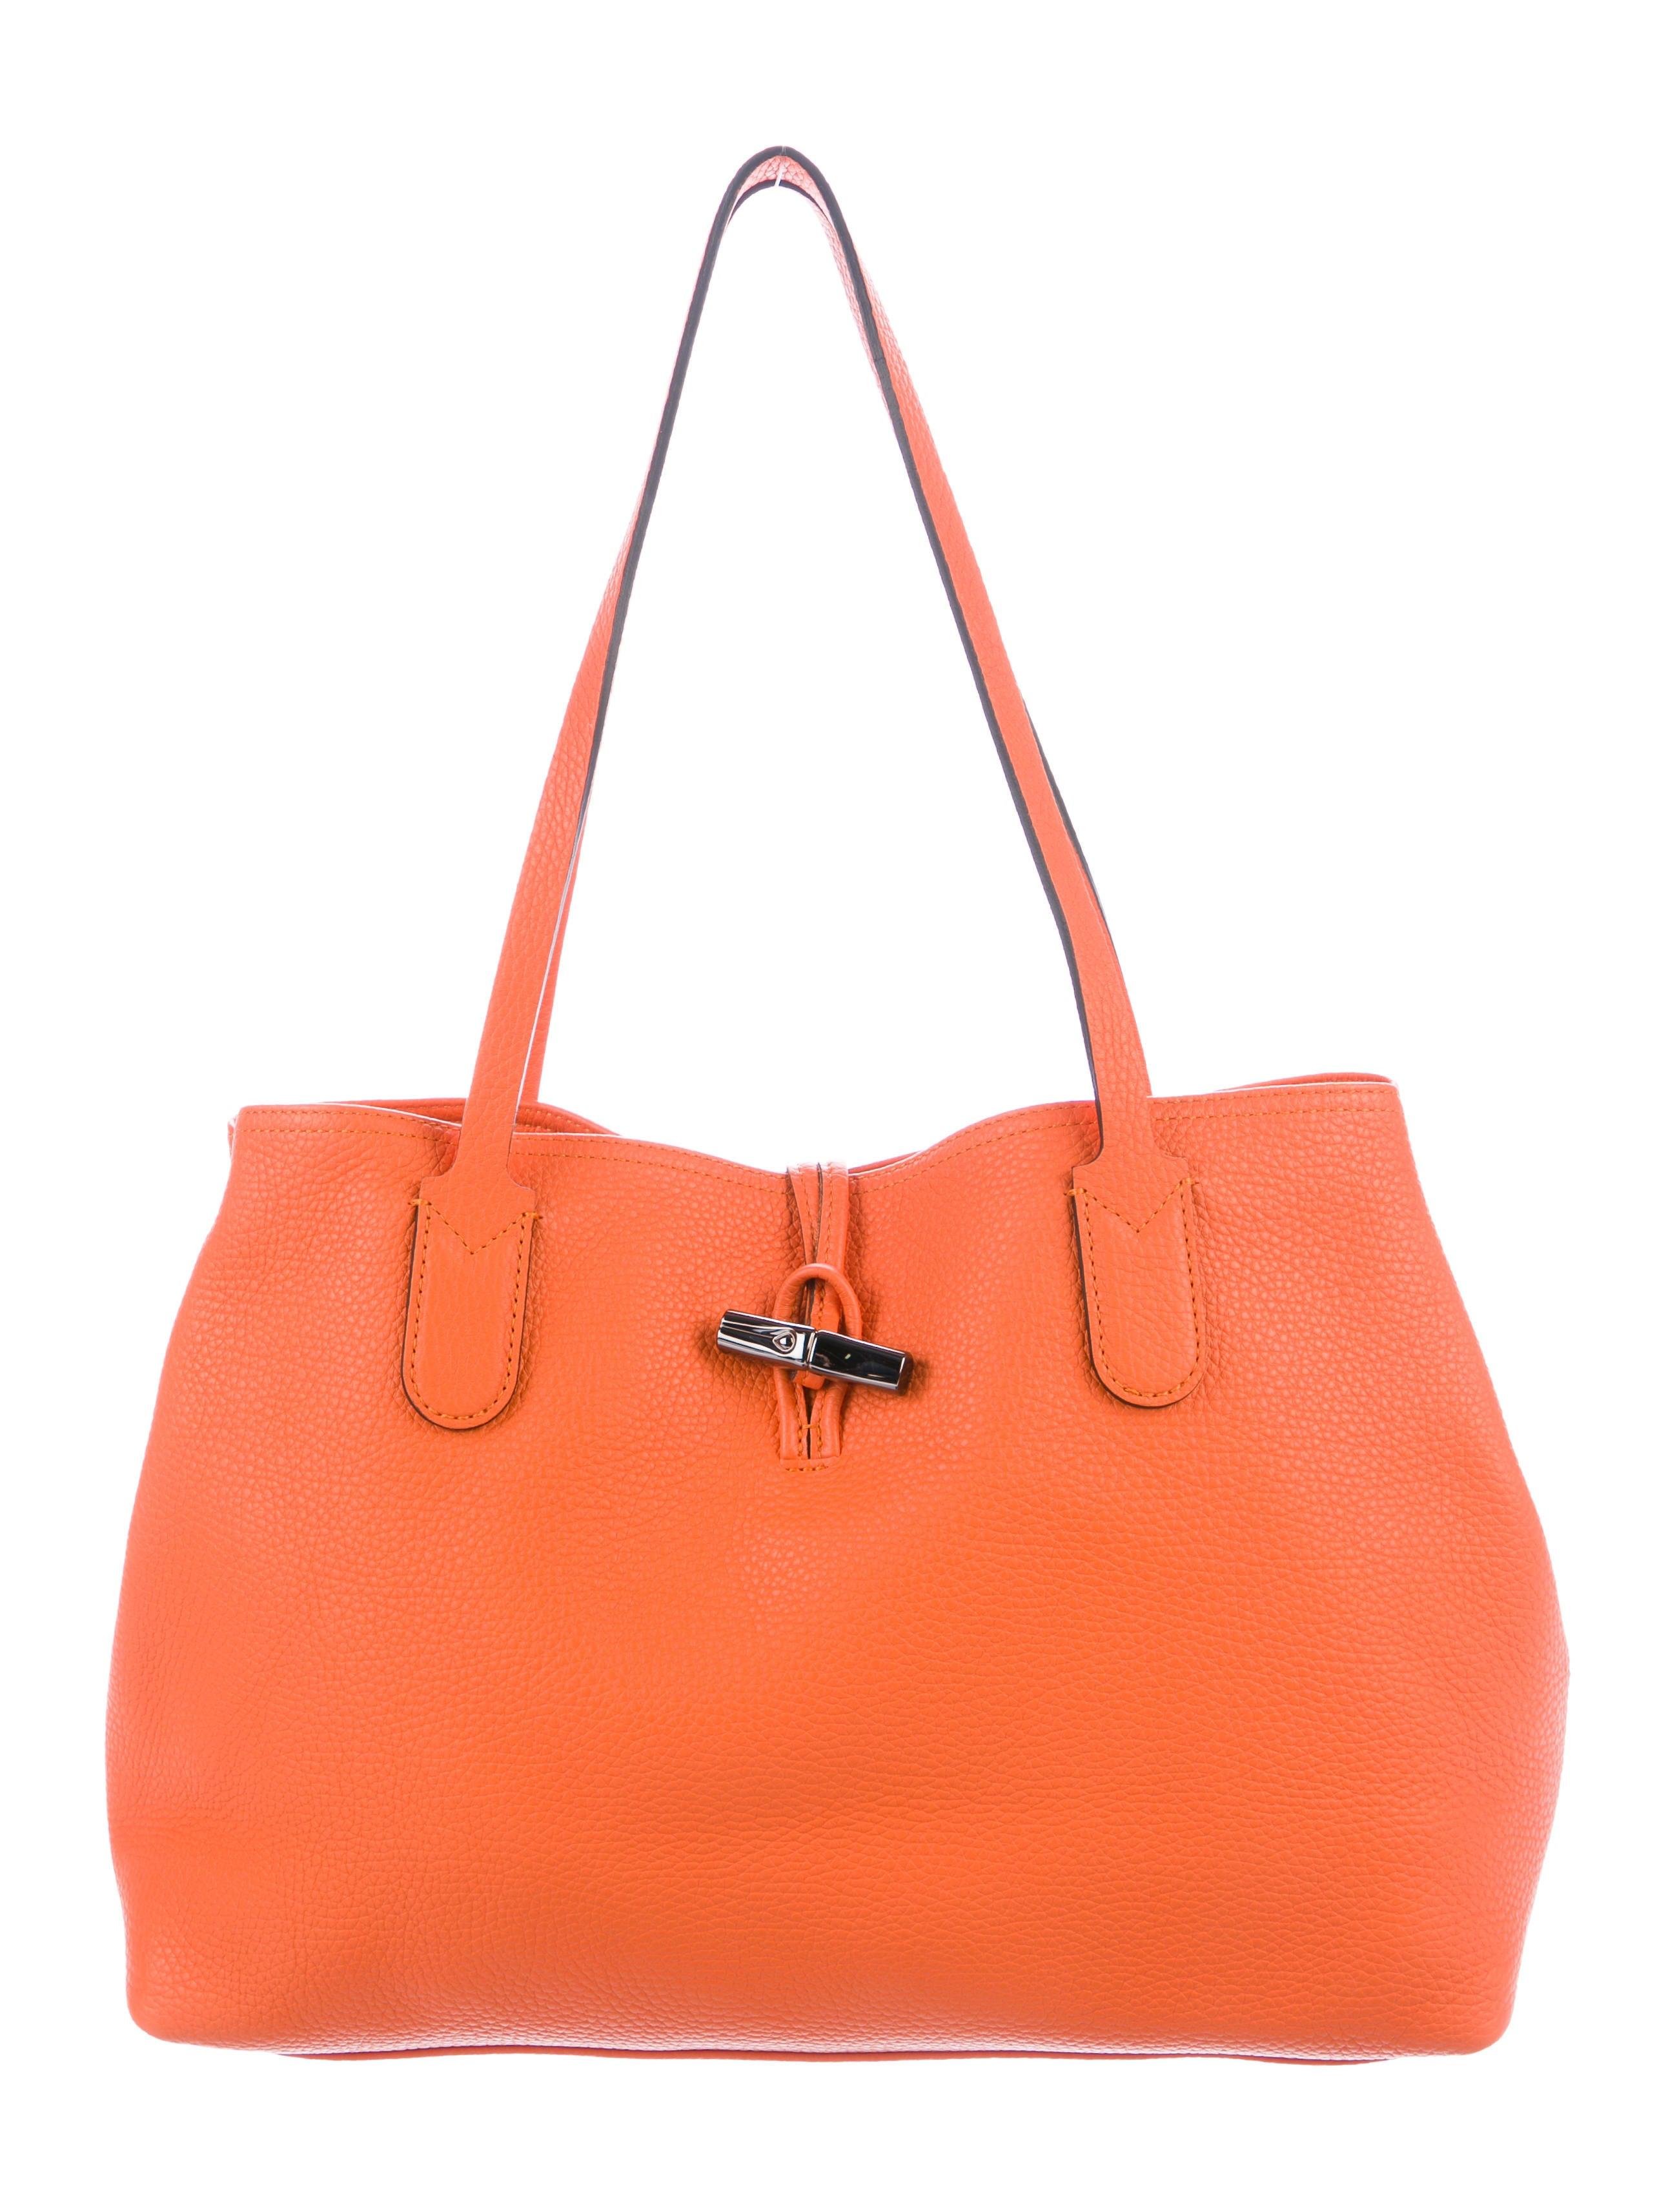 Longchamp 2019 Roseau Essential Tote Bag M - Handbags - WL826919 ...